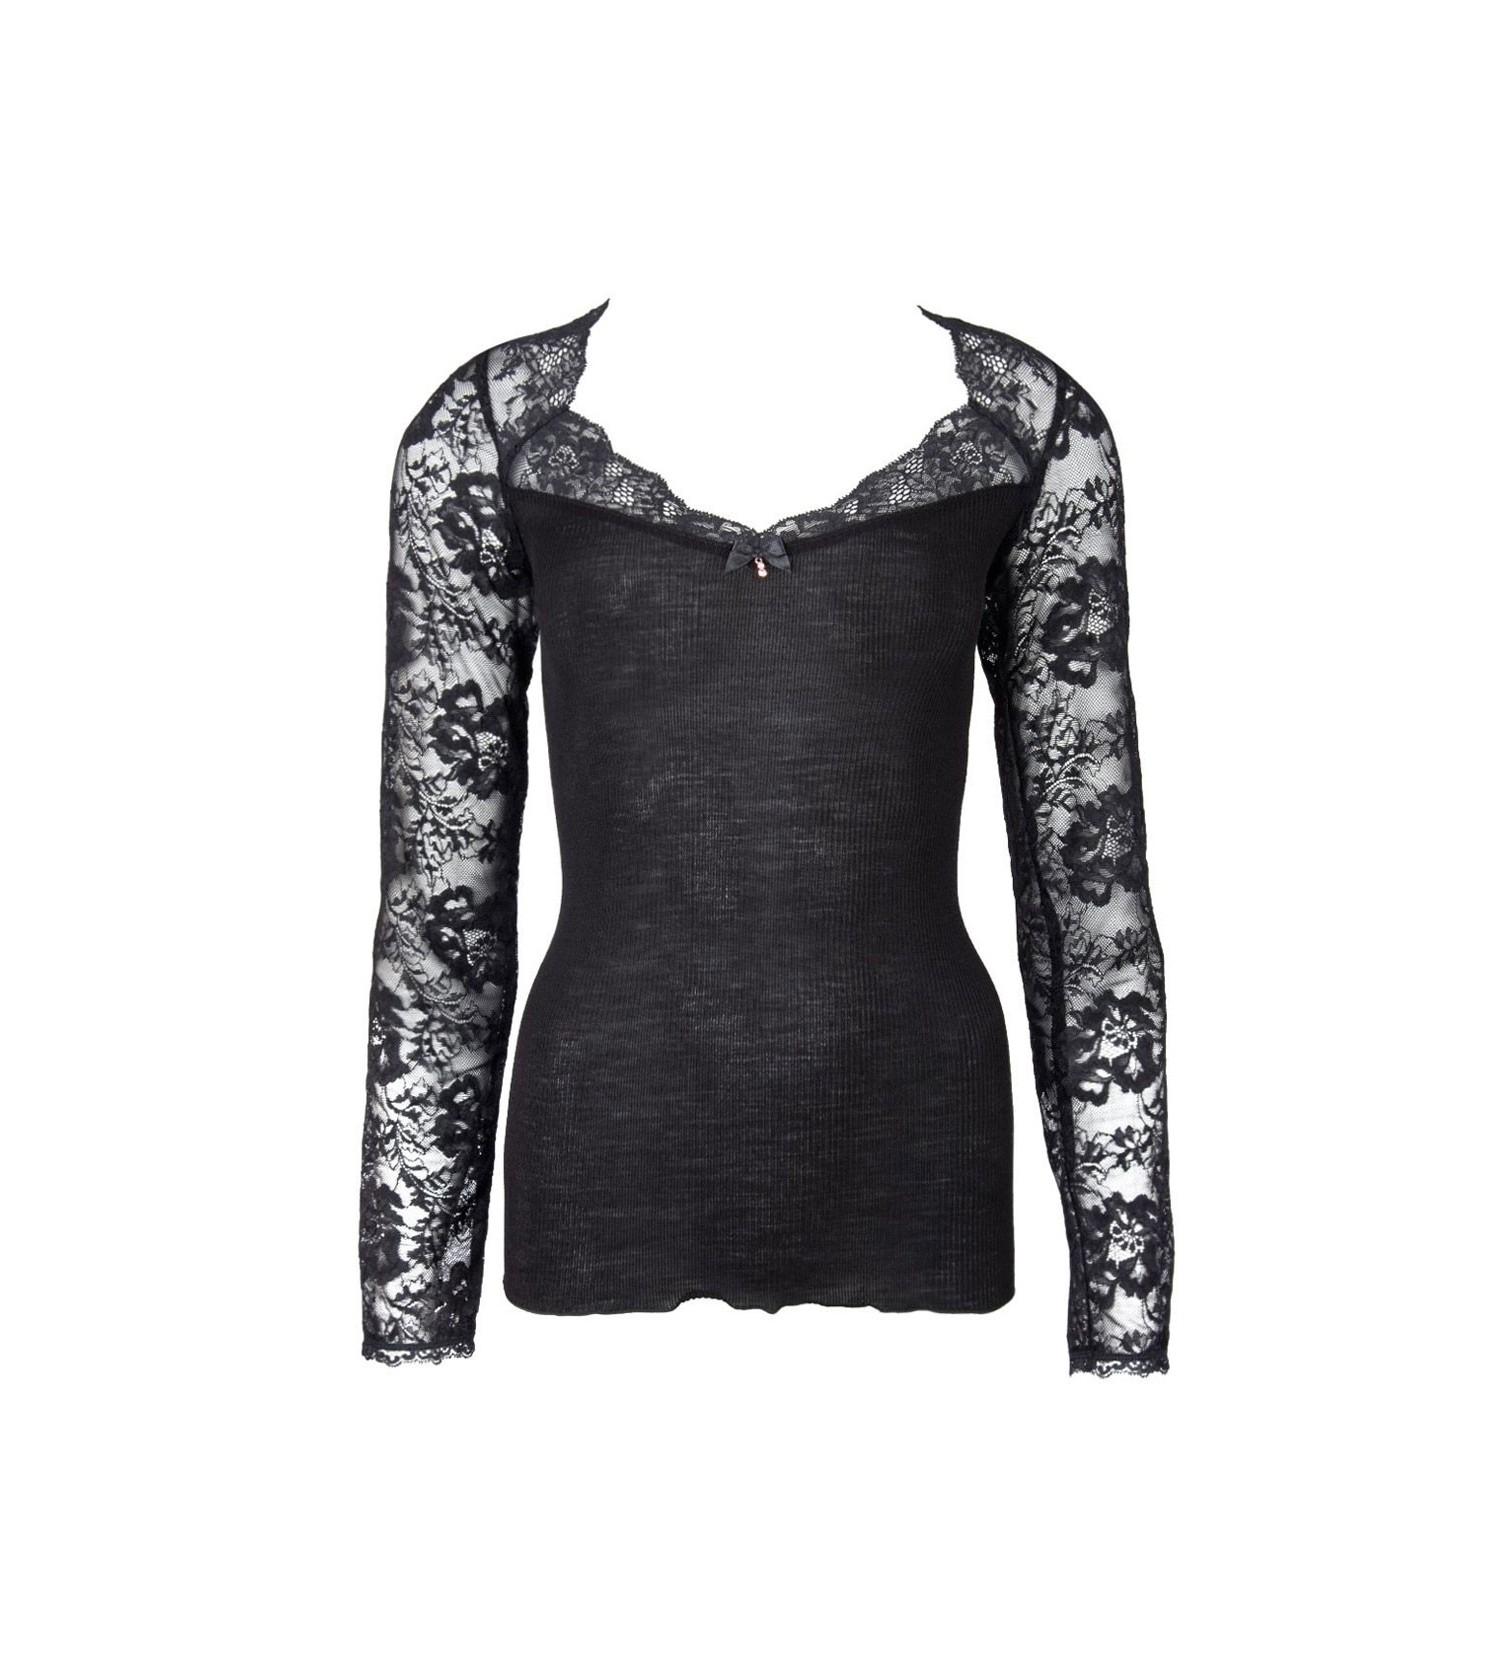 T-shirt Résille Lotus NOIR - Lingerie Sipp d1d4c4b01